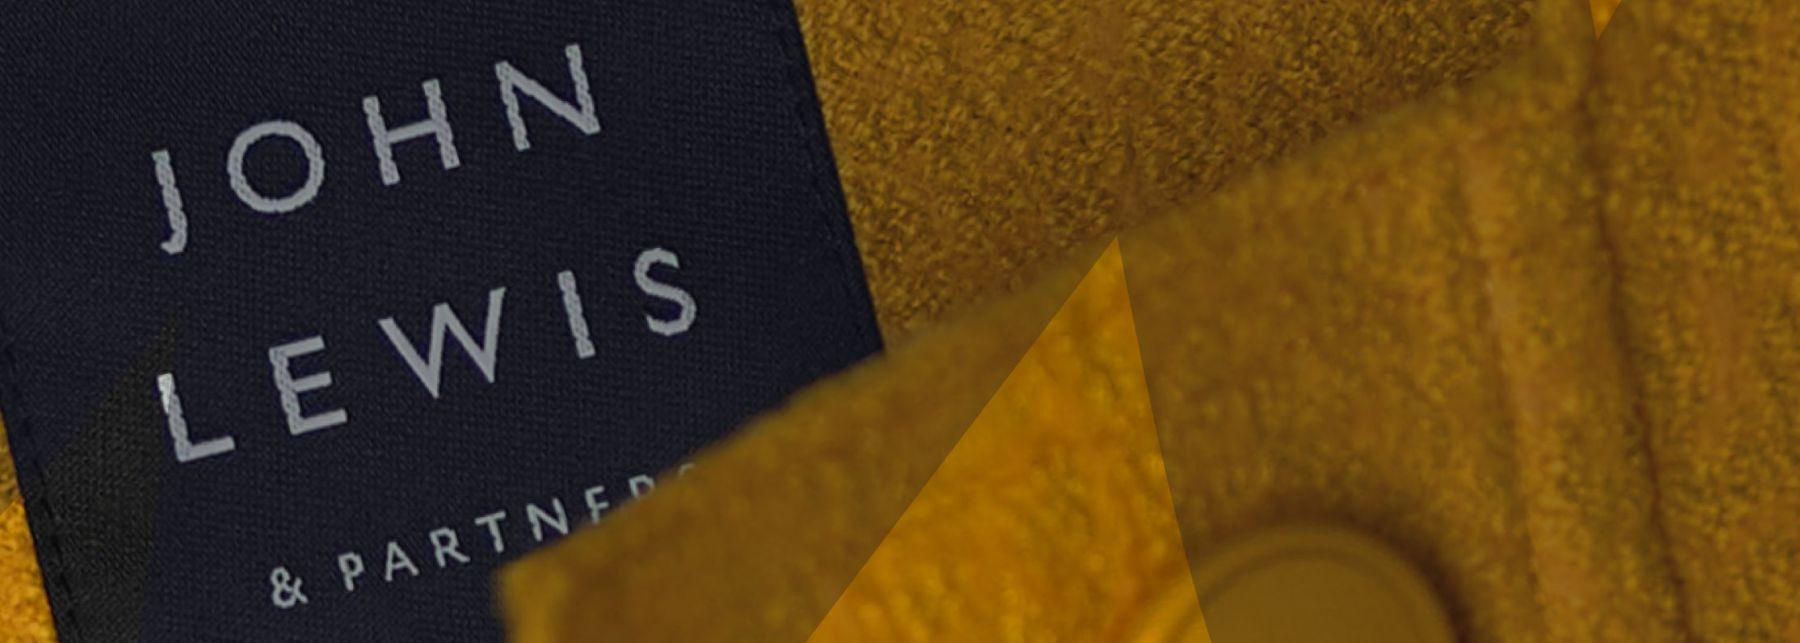 John Lewis Partnership Header Image